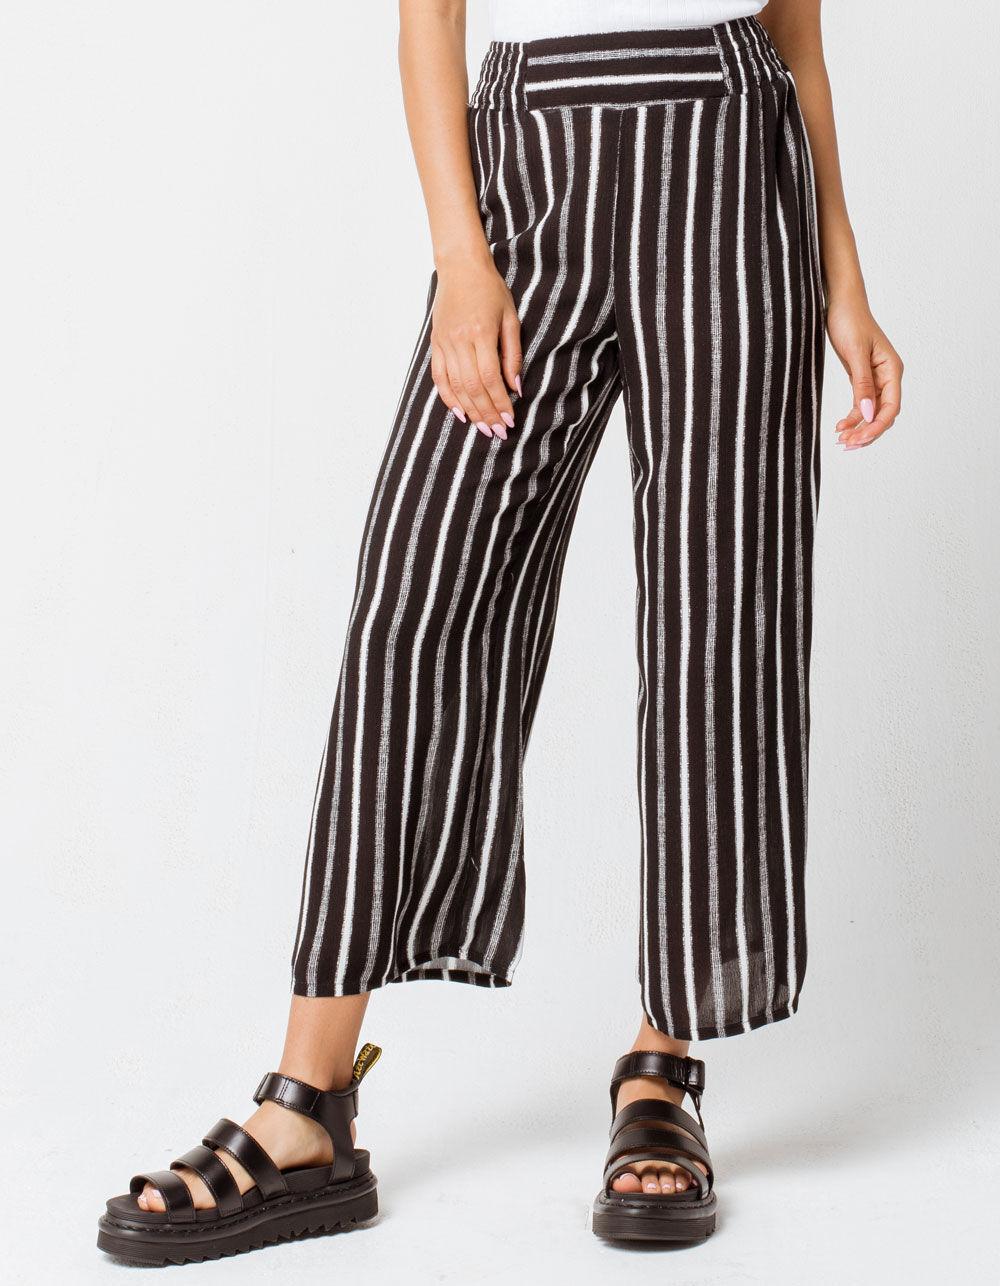 FULL TILT Stripe Crop Black & White Wide Leg Pants